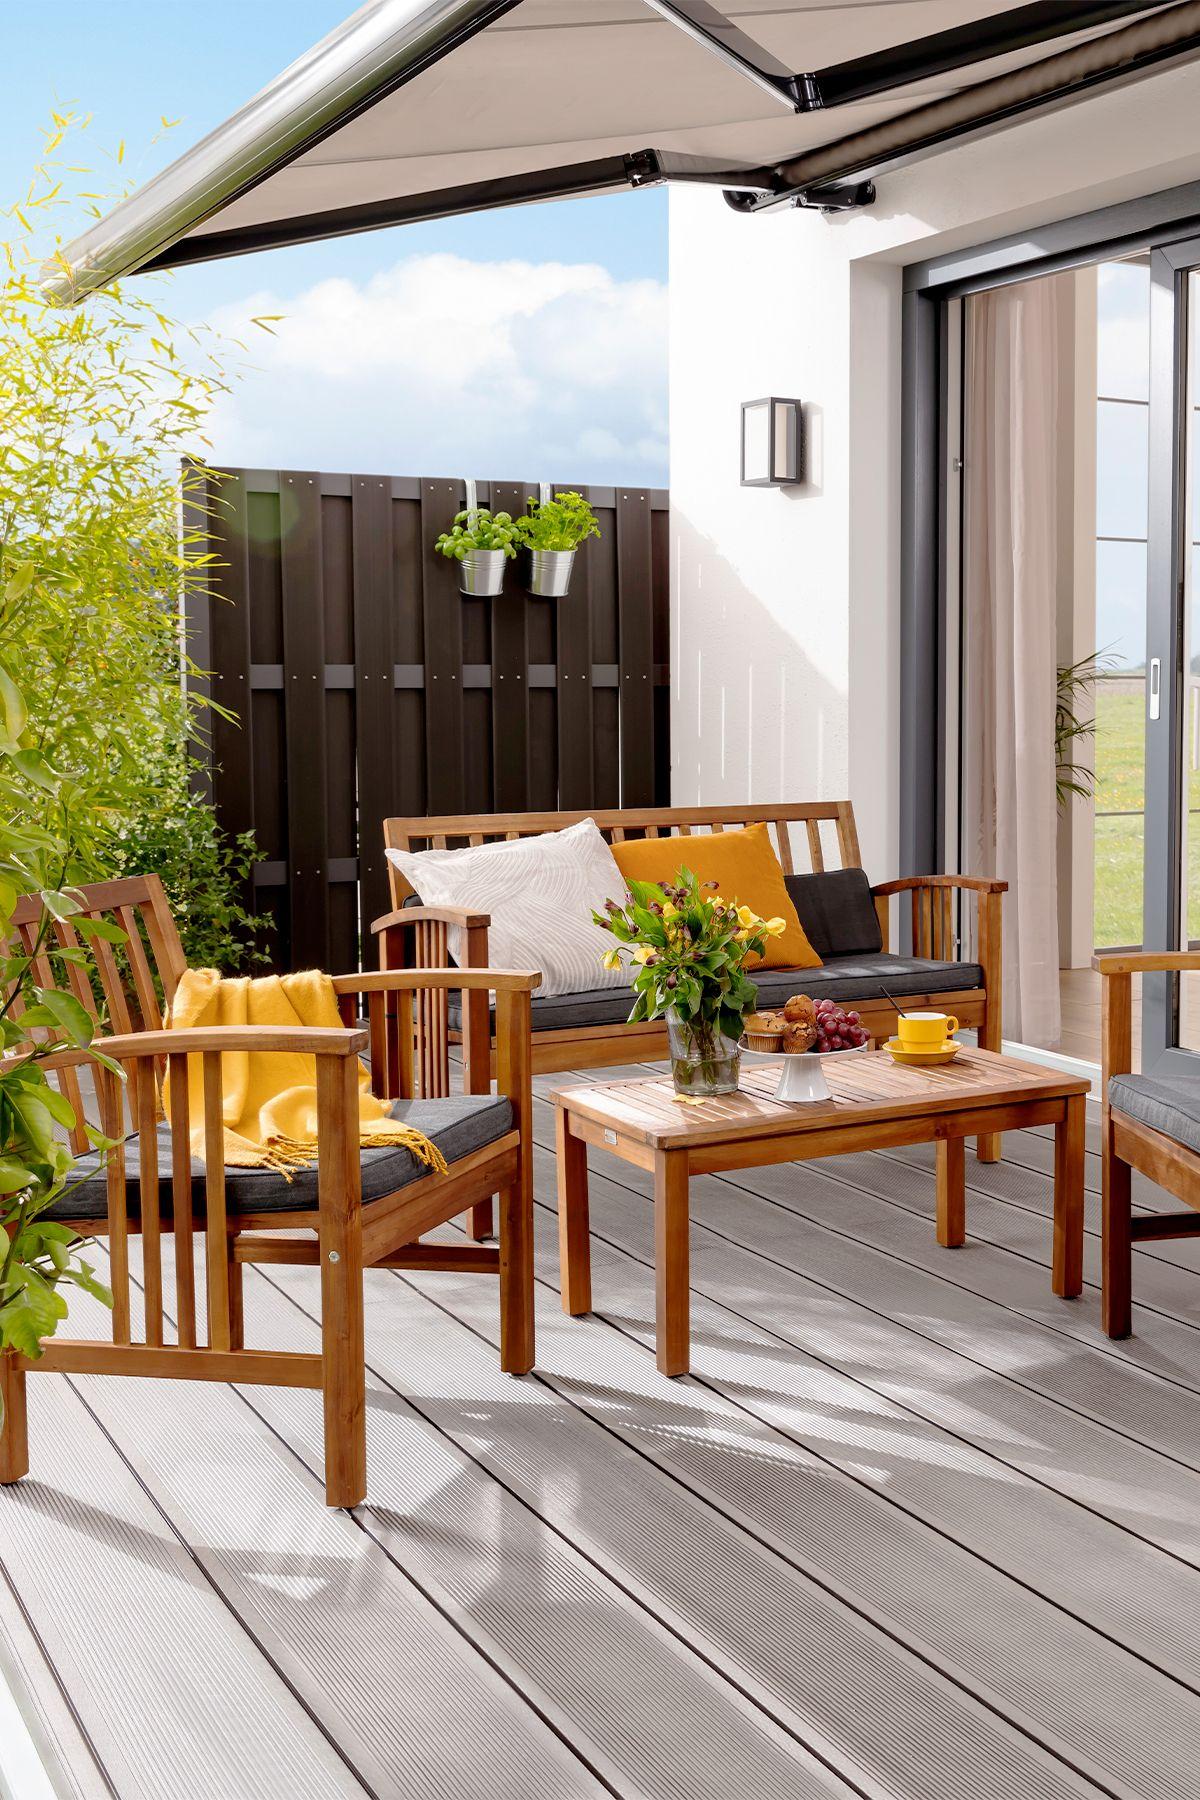 Gartenmobel Im Naturlichen Und Modernen Design Gartenmobel Aussenmobel Modernes Design